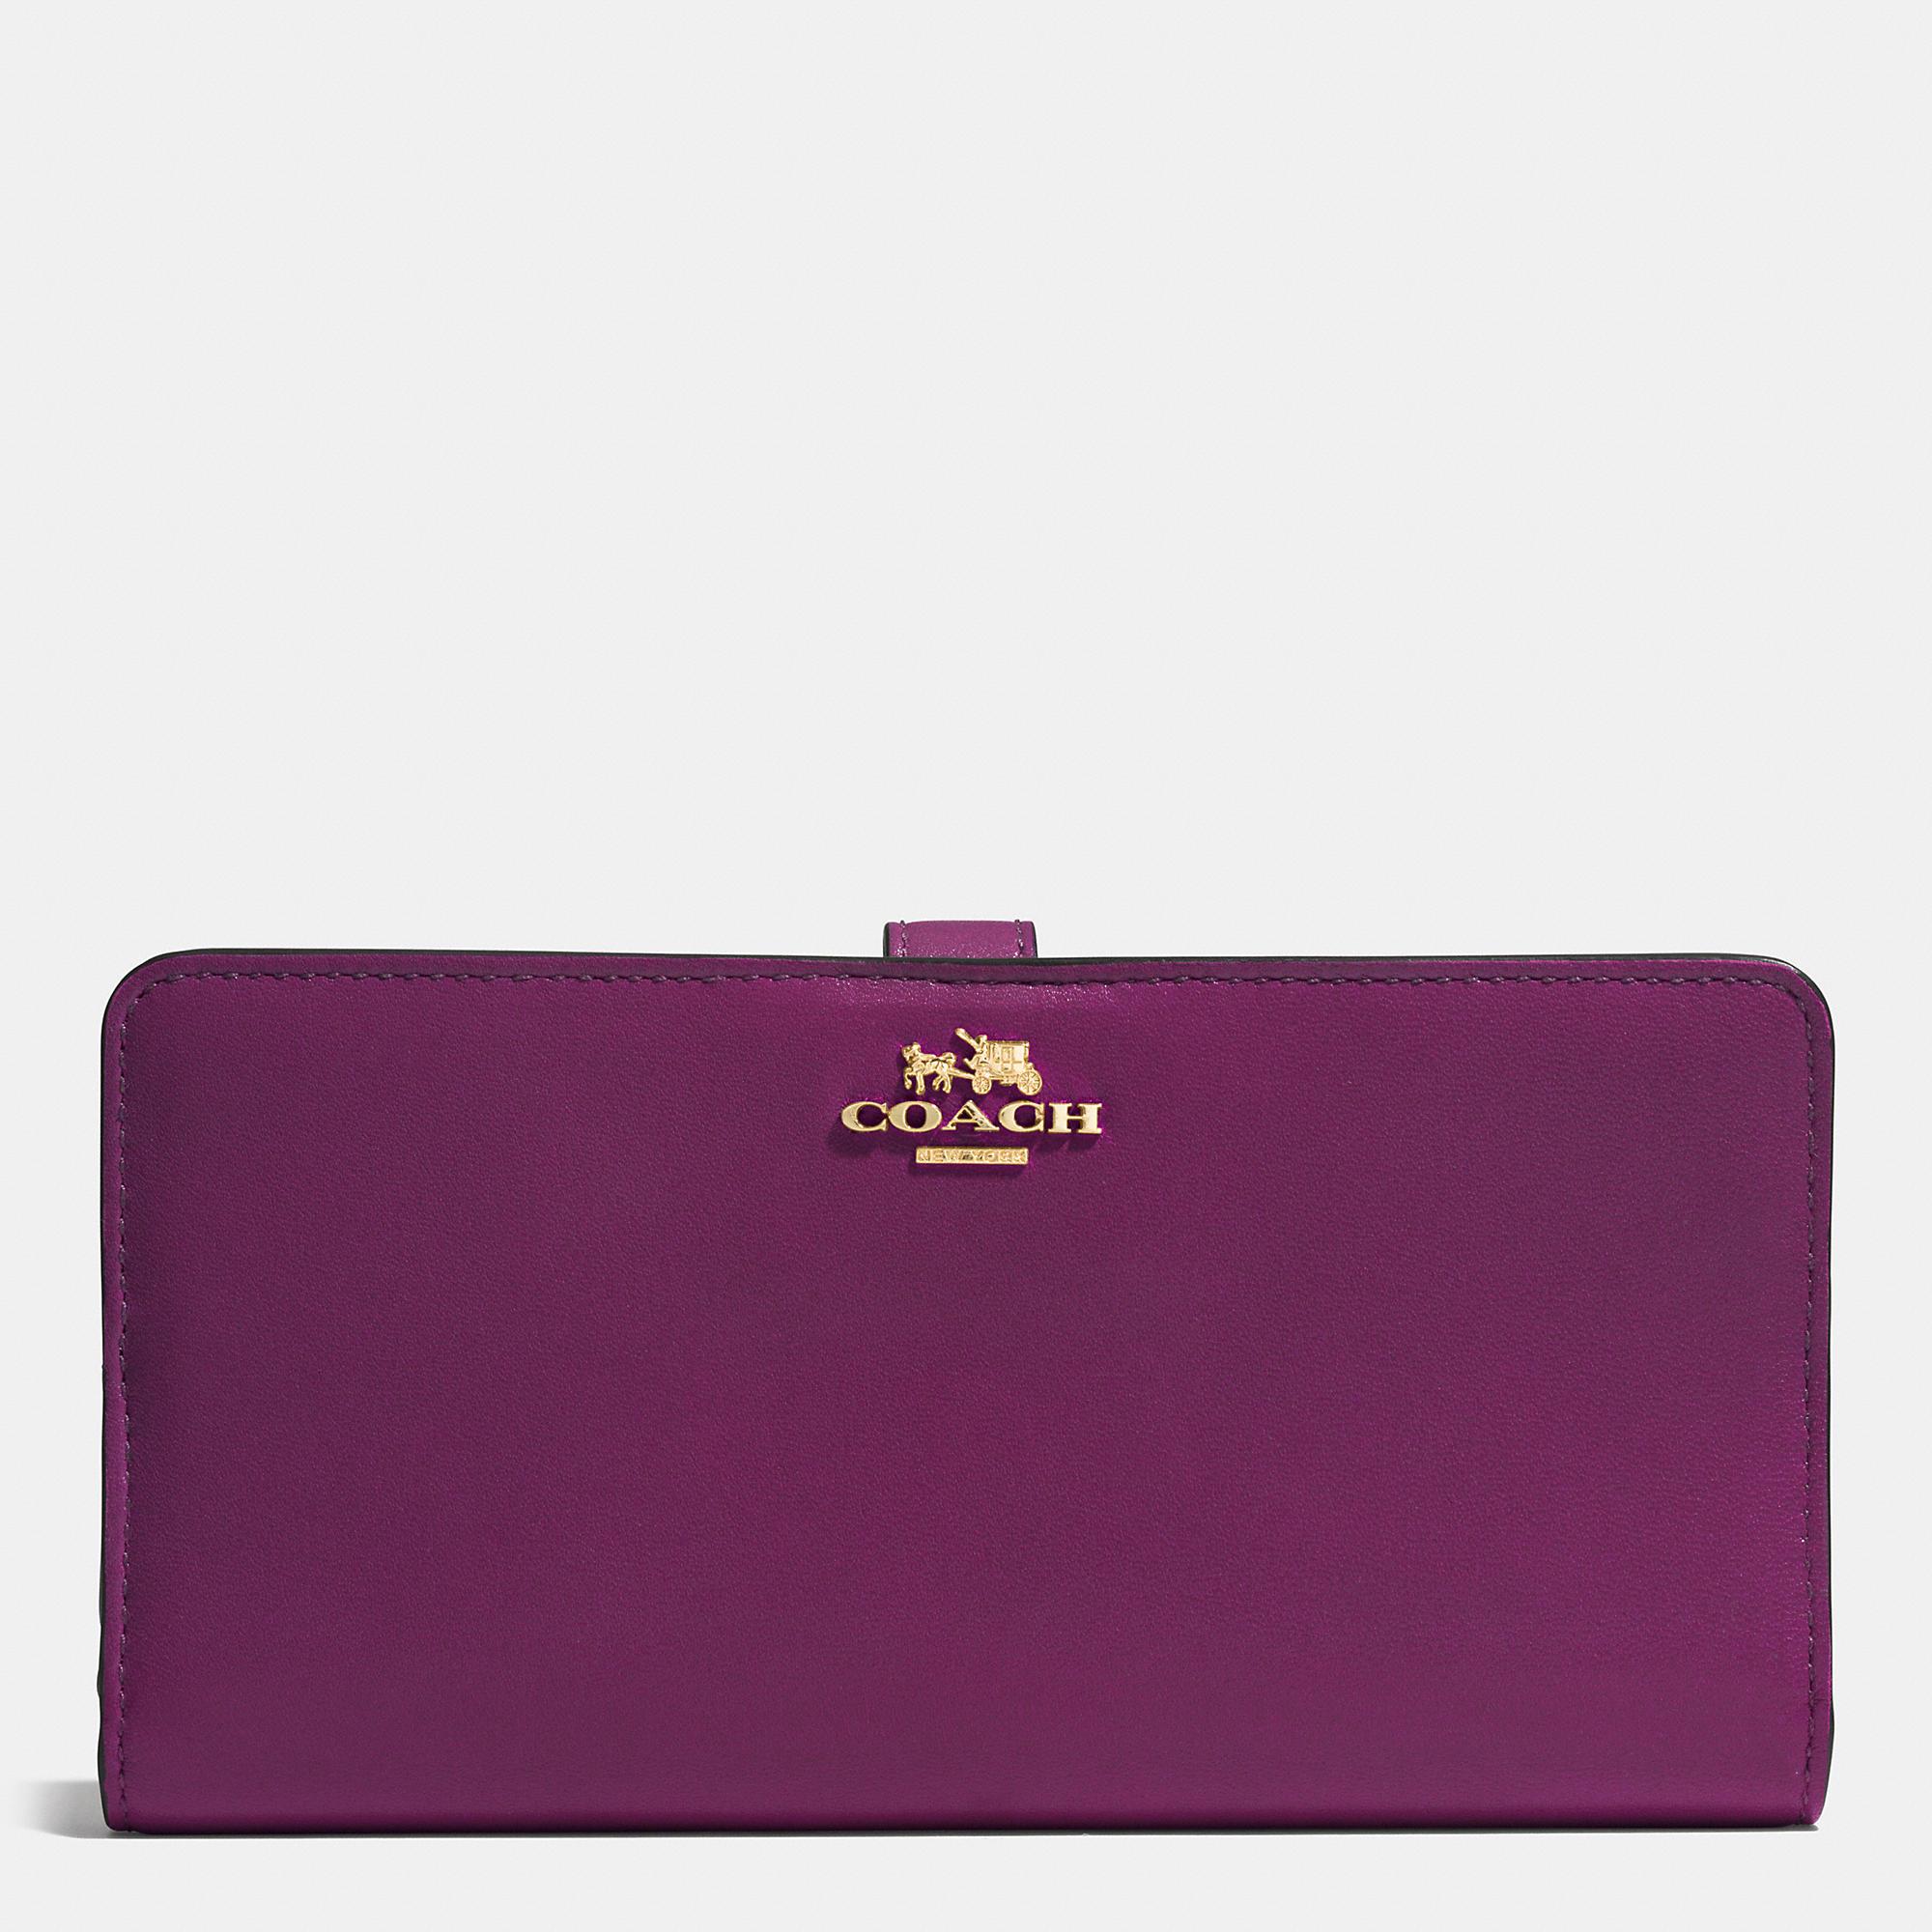 Coach Skinny Wallet In Leather In Purple Lyst